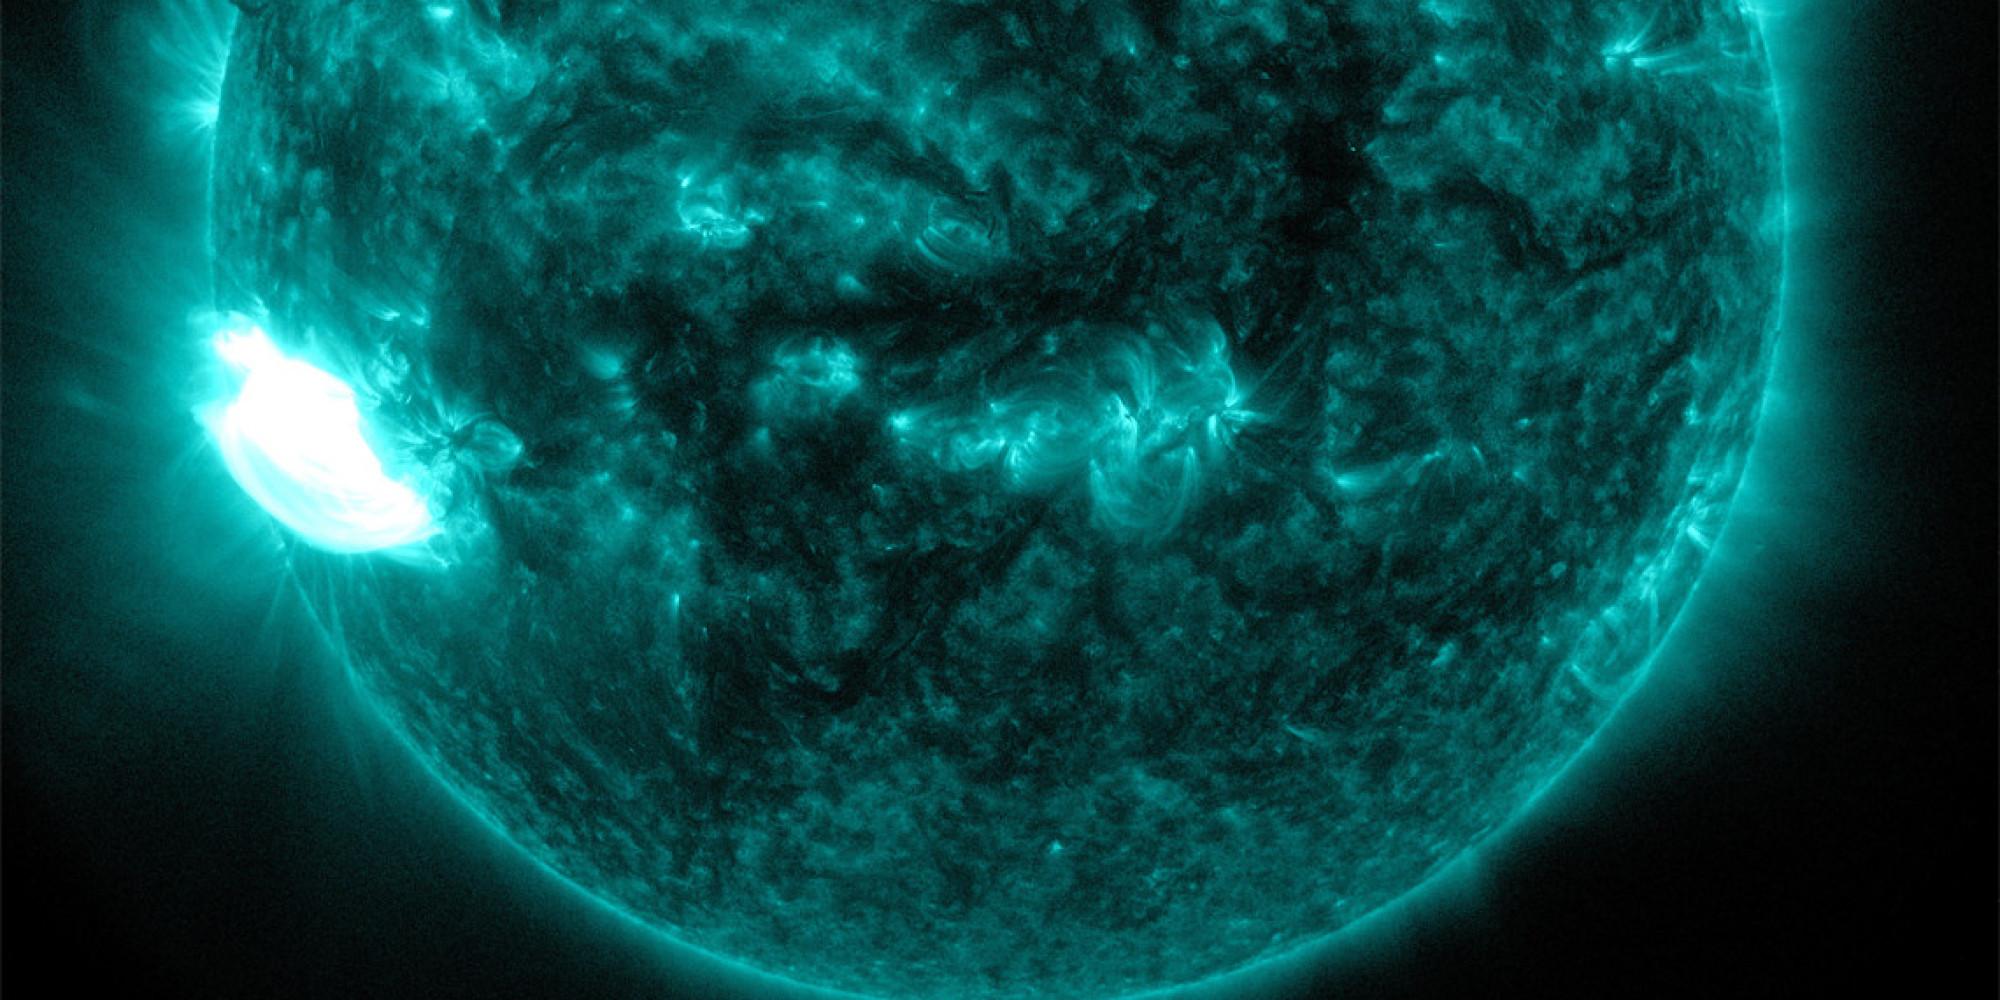 Sun Unleashes Powerful X-Class Solar Flare